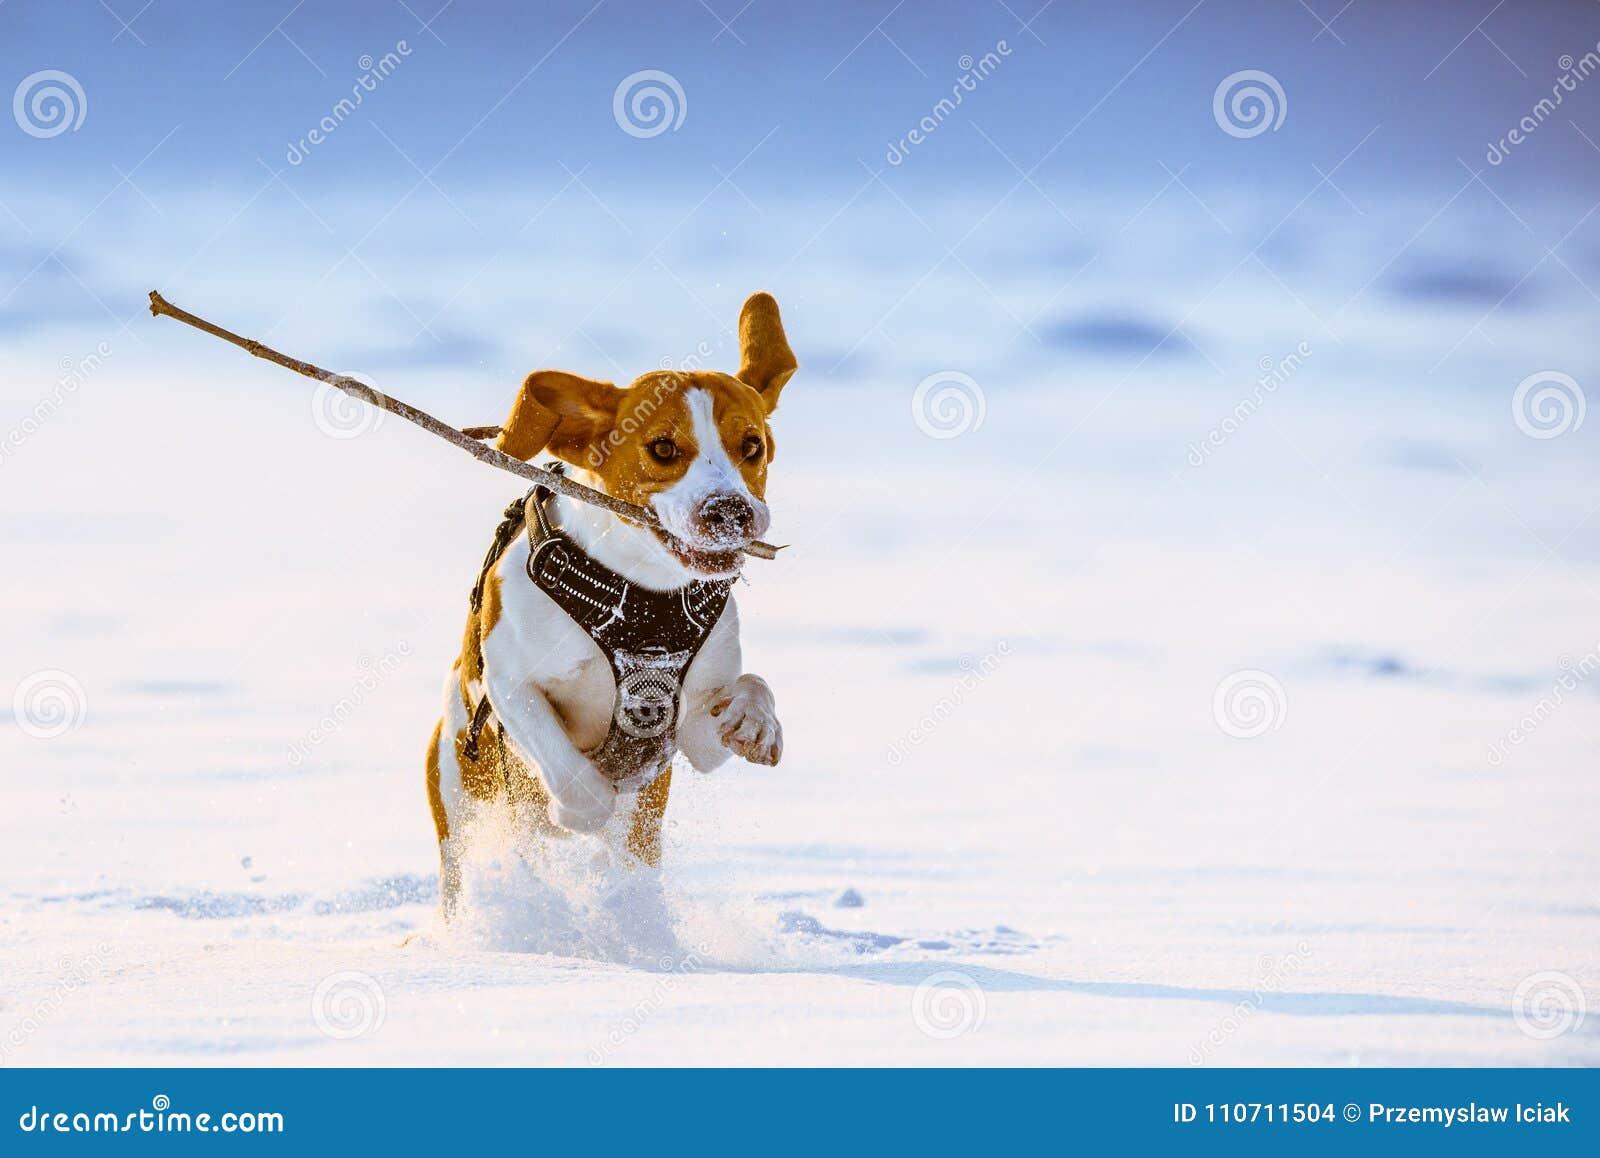 Beagle dog runs with a stick